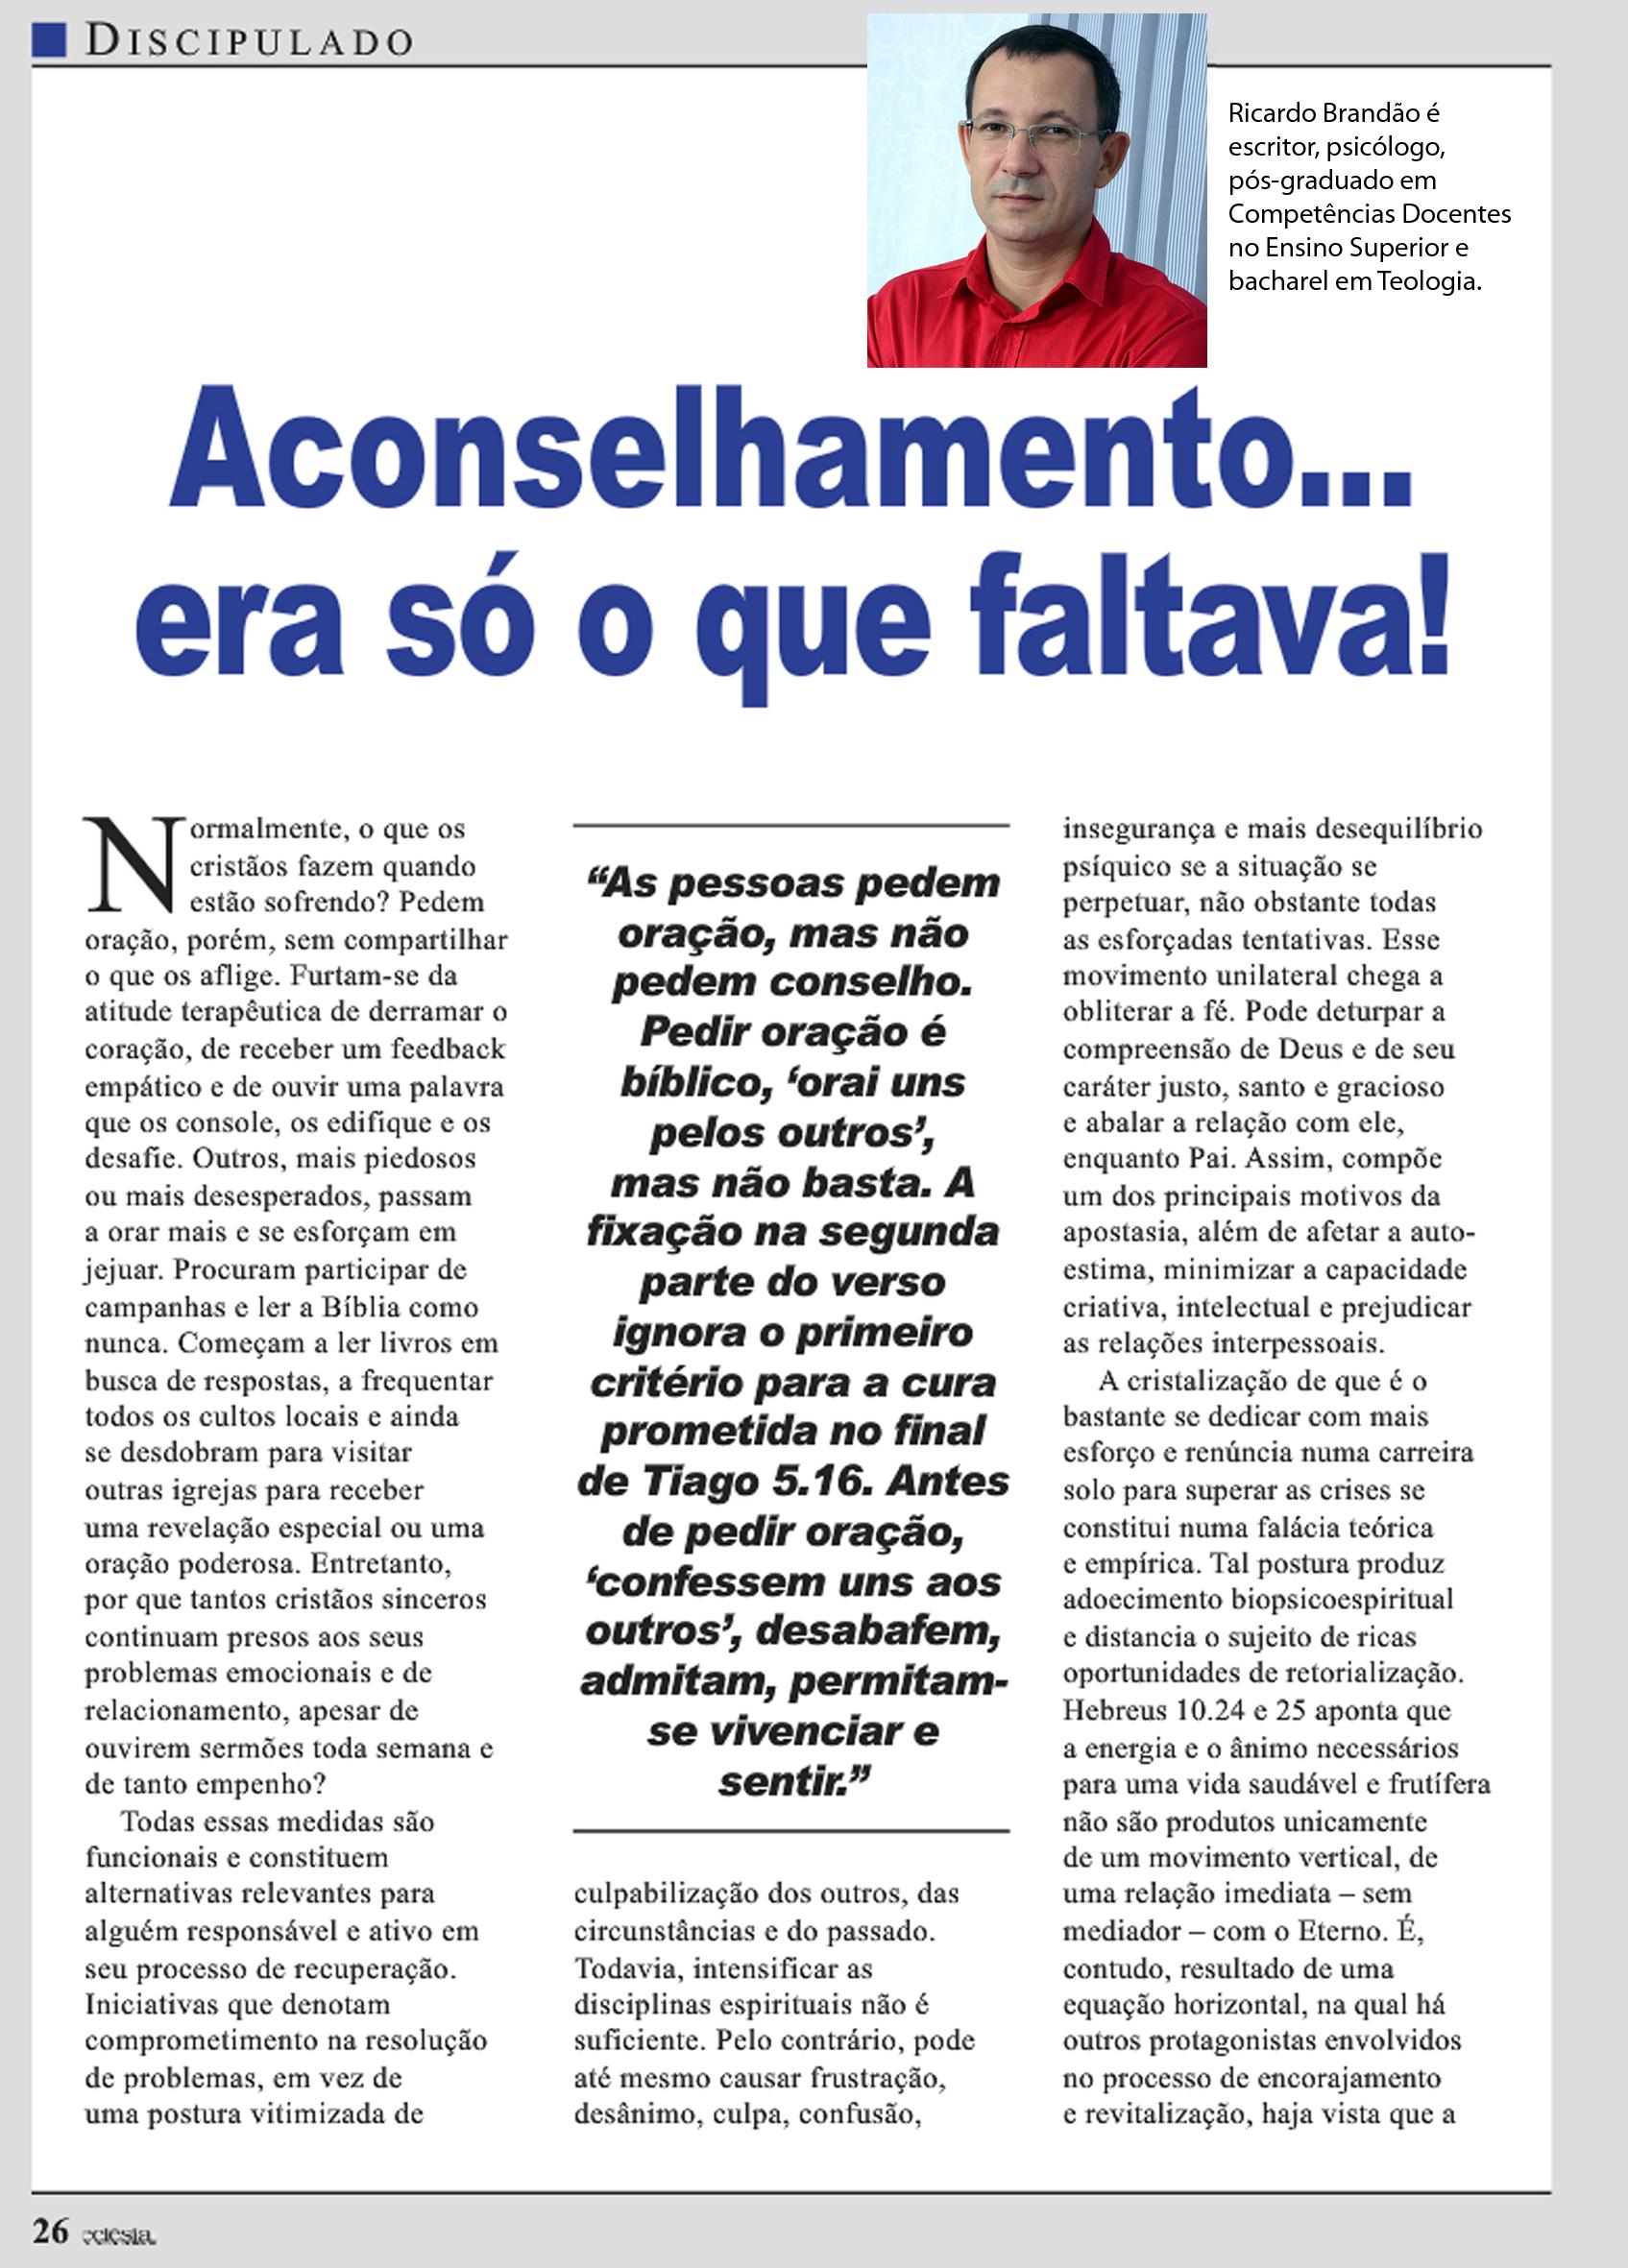 aconselhamento_revista-eclesia